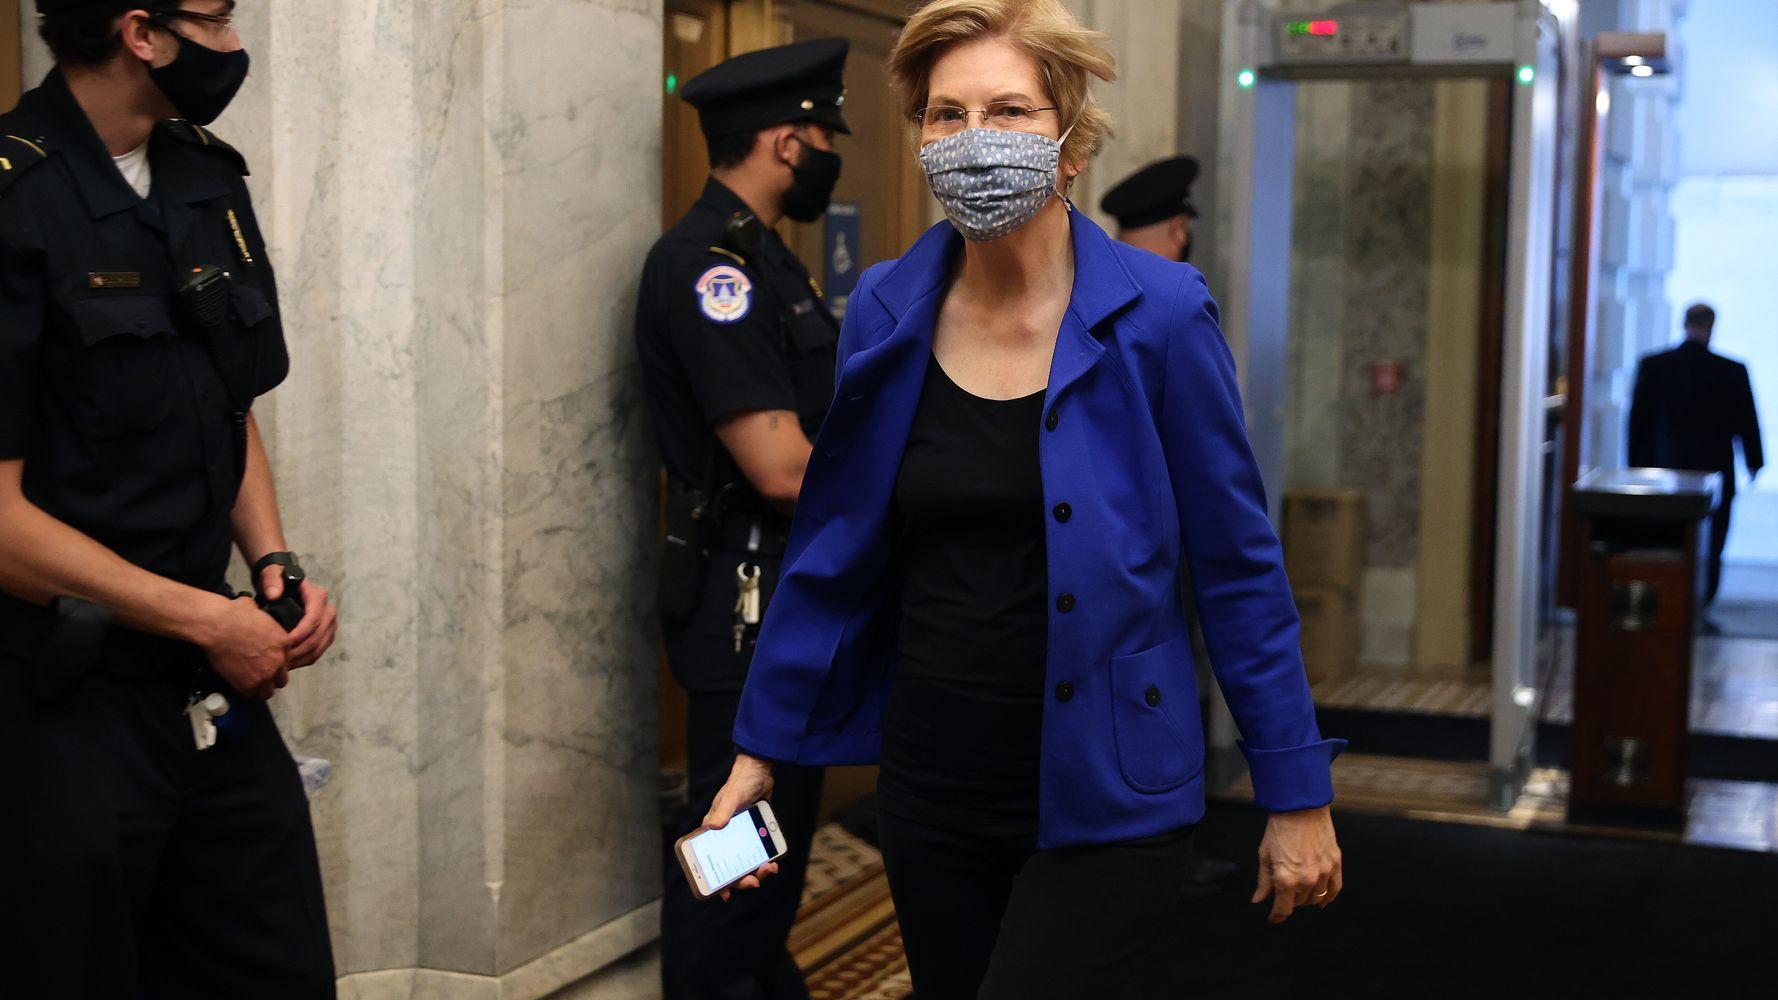 Joe Biden Credits Elizabeth Warren With Helping Craft His New Economic Plan